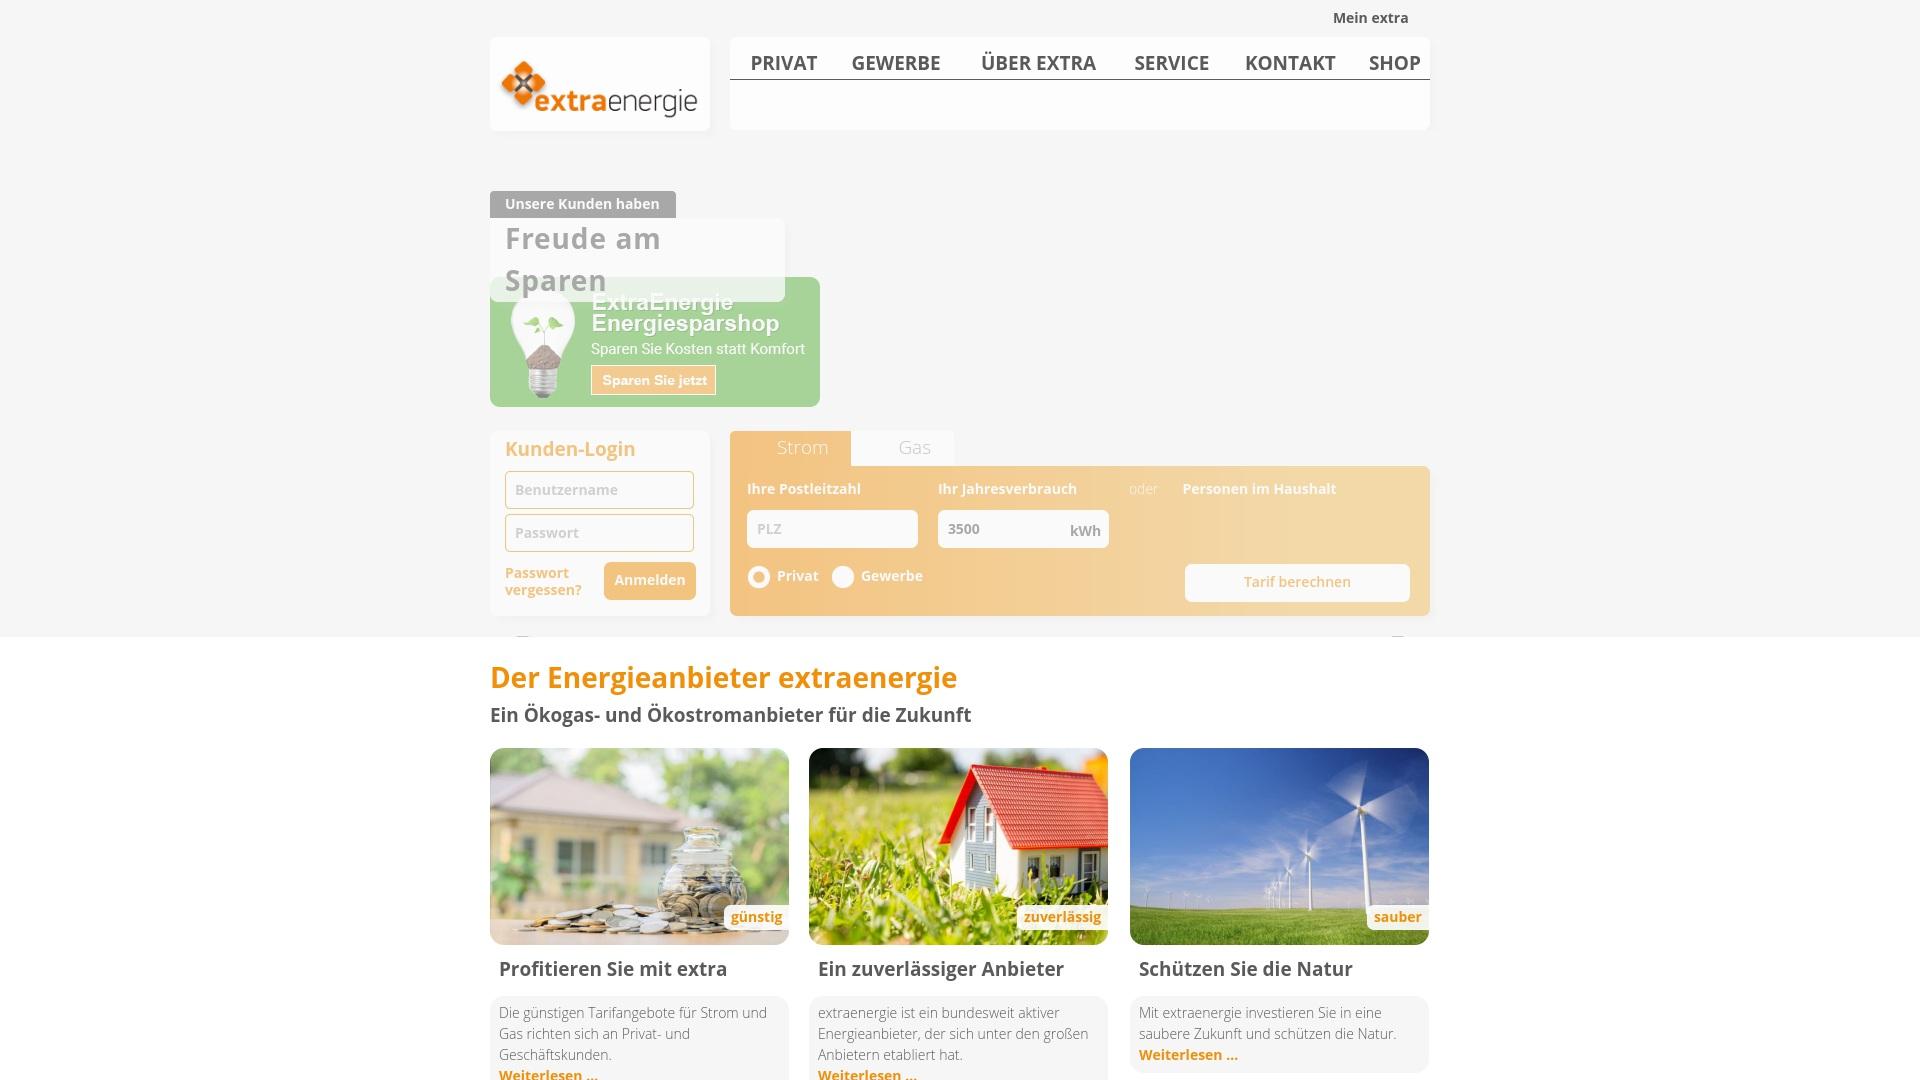 Gutschein für Extraenergie: Rabatte für  Extraenergie sichern